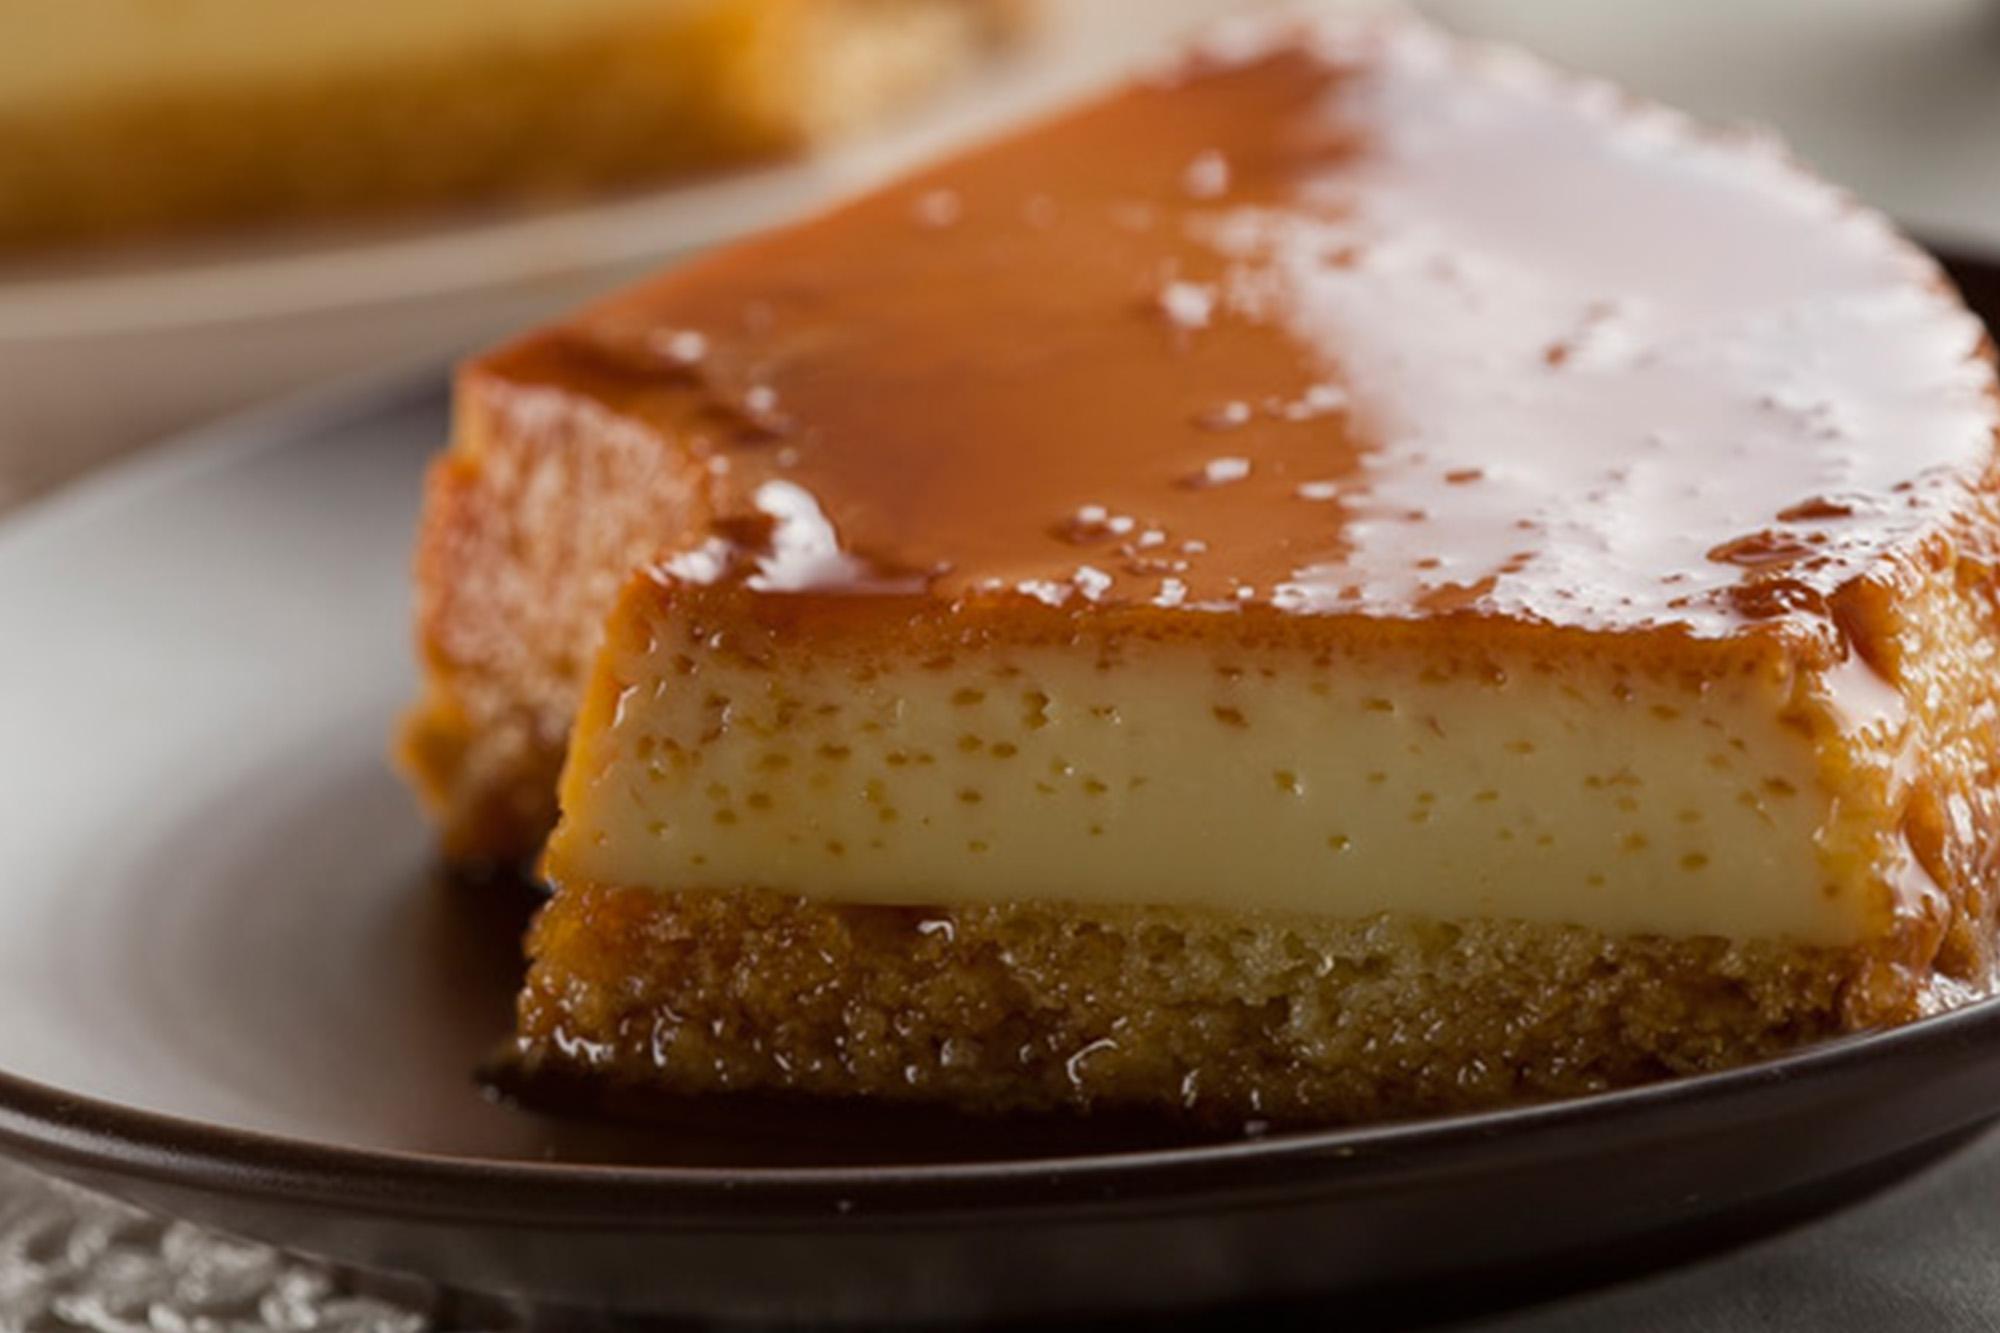 Torta flan con Leche Condensada